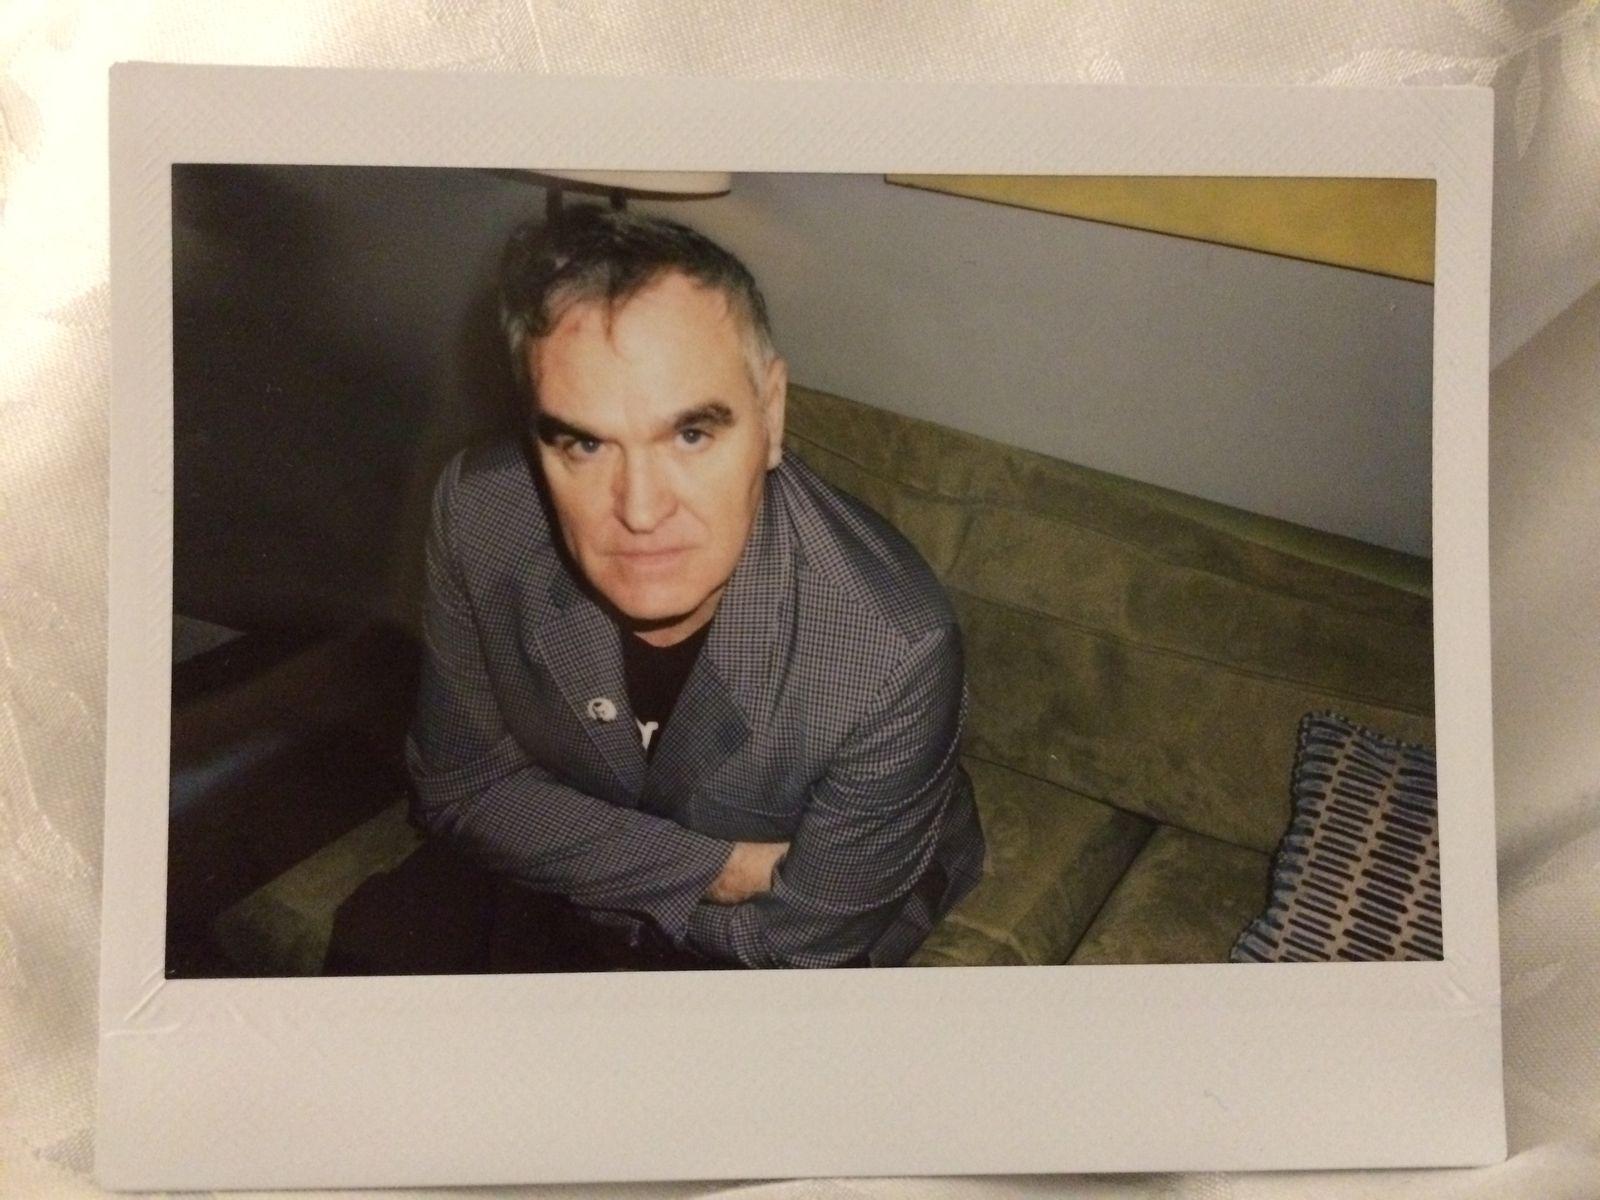 EINMALIGE VERWENDUNG SPIEGEL Plus SPIEGEL 47/2017 S.122 Interview Musiker Morrissey STARTBILD